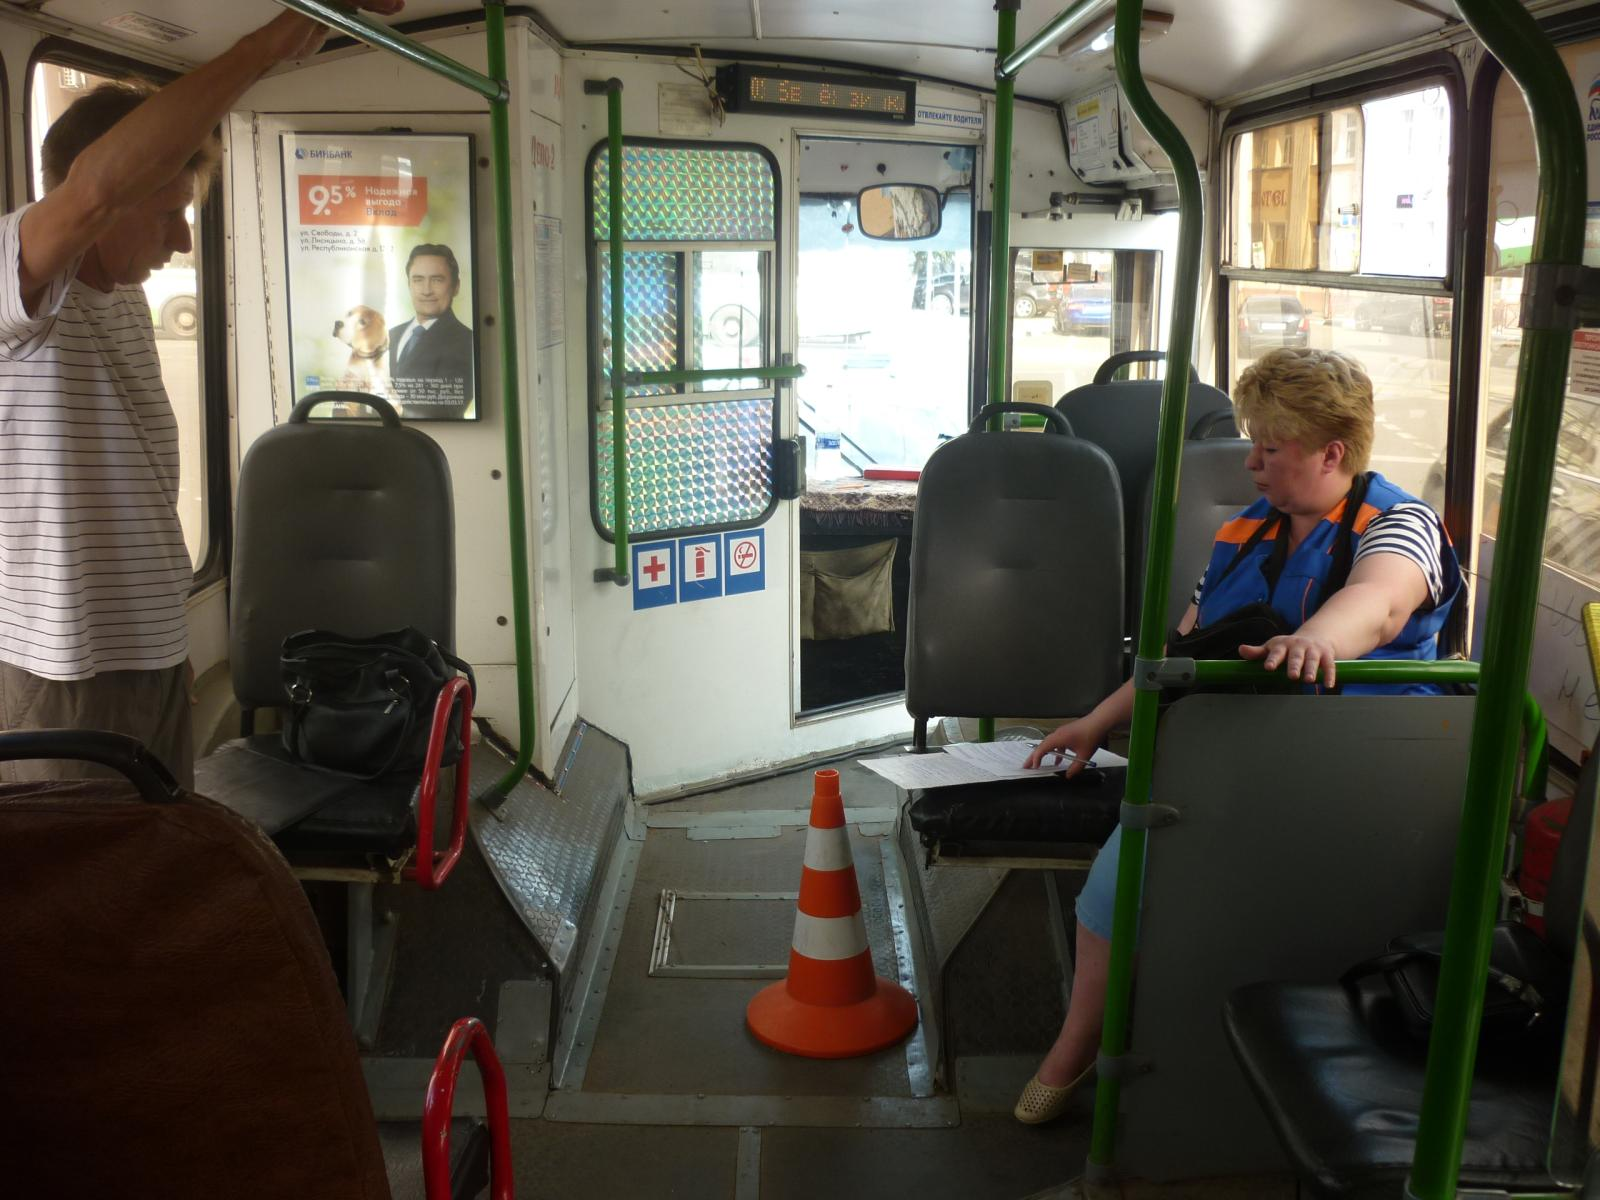 15-летняя девочка получила травму при падении в троллейбусе